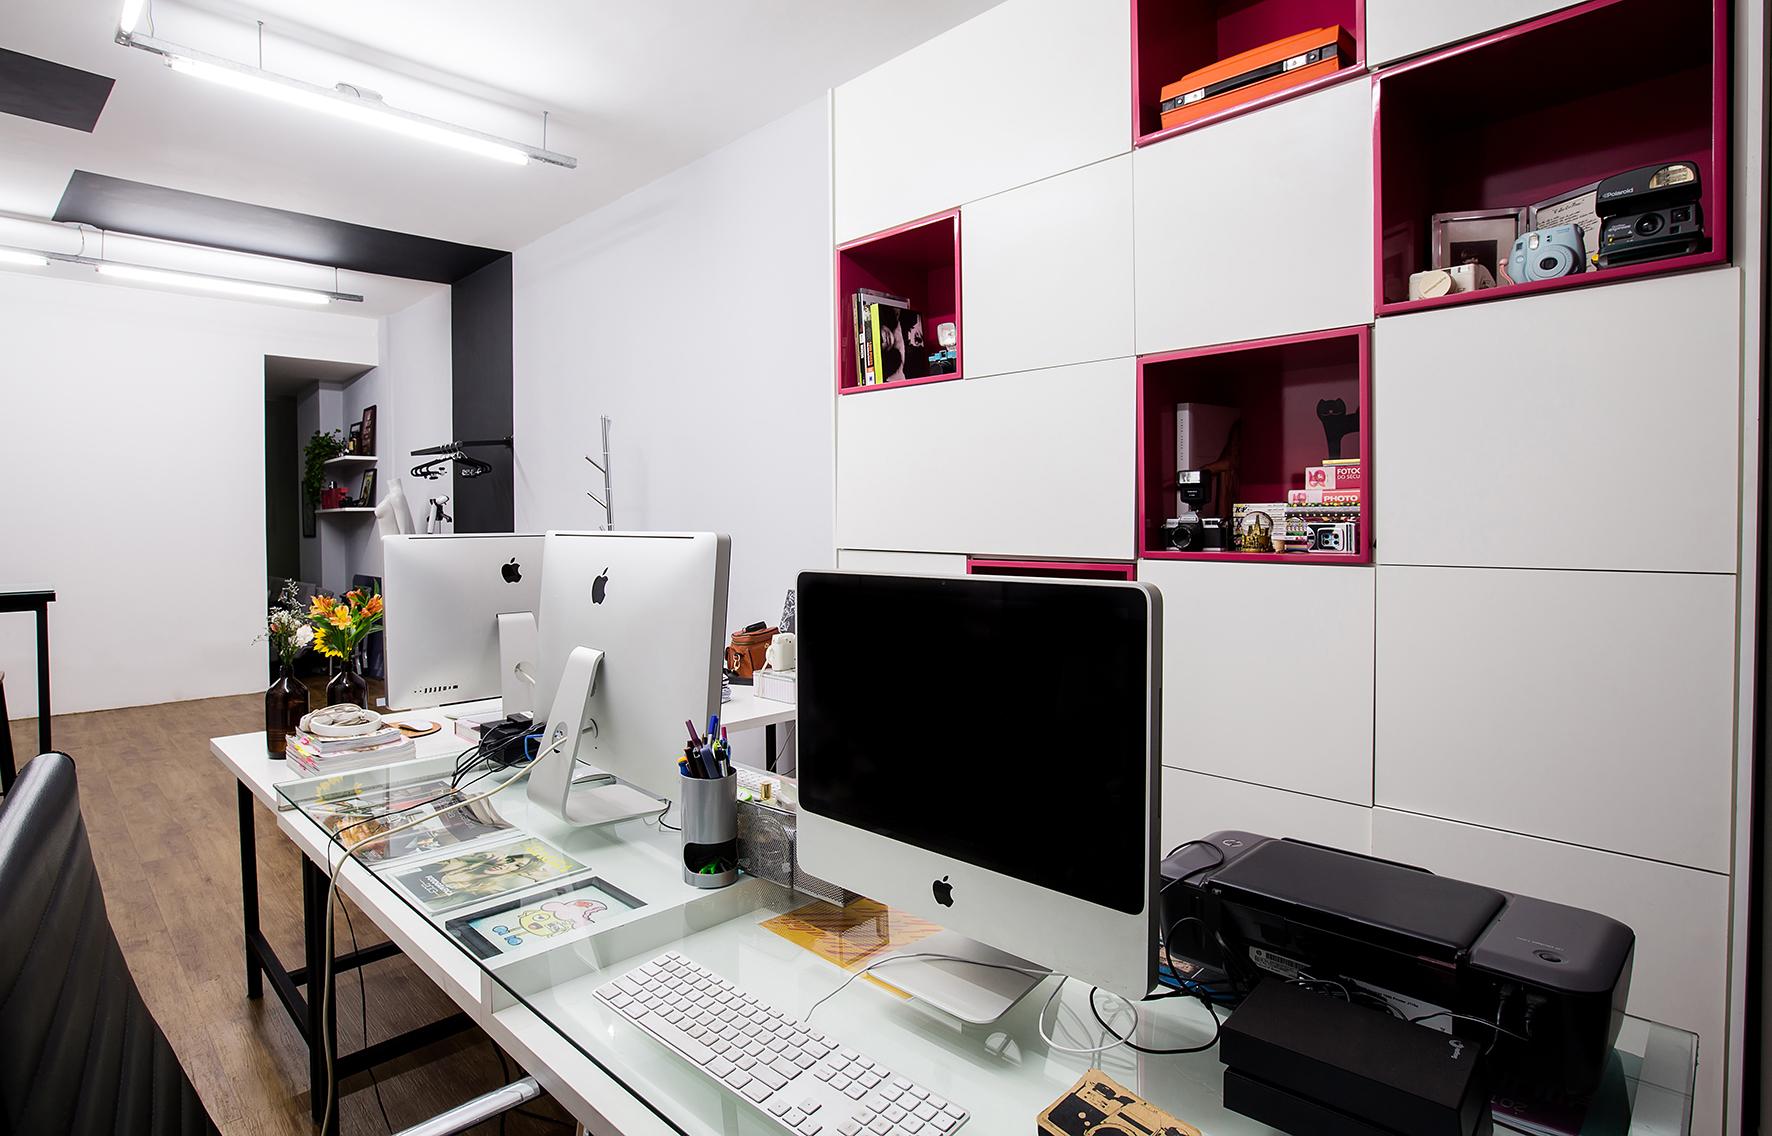 Escritório com armários de mdf branco e nichos com laca brilhante rosa, mesas com estrutura metálica e tampos de mdf e vidro.